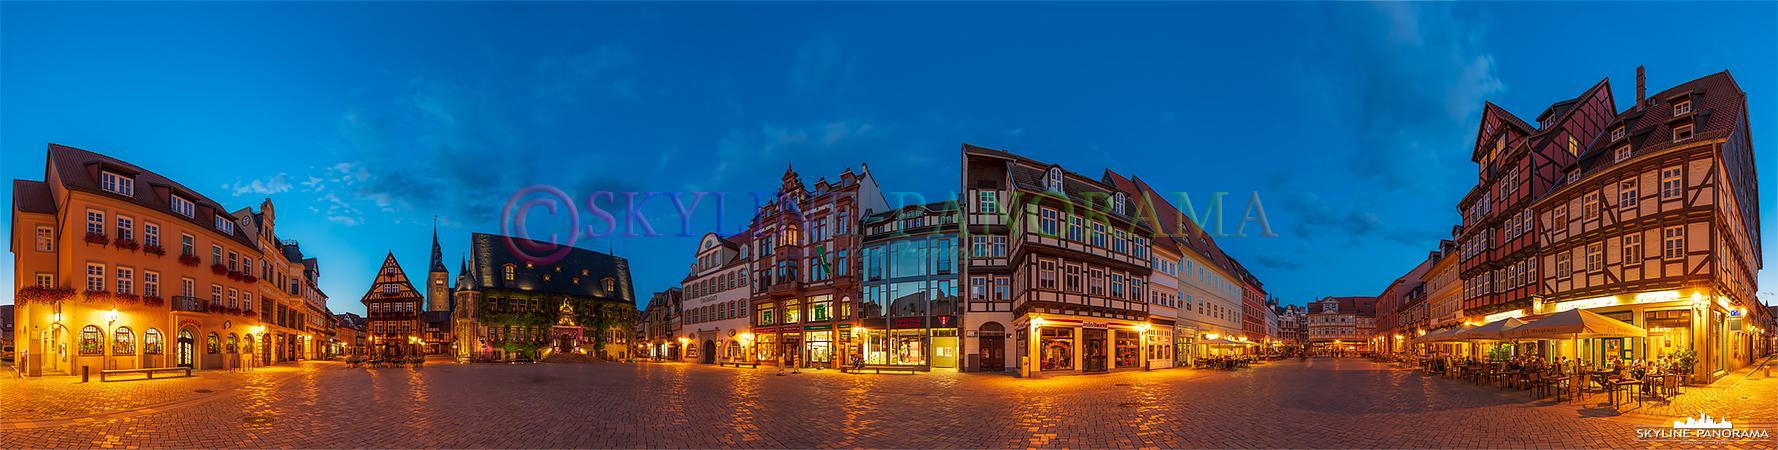 Panorama Harz - Der abendliche beleuchtete Marktplatz in der Altstadt von Qudlinburg mit historischen Fachwerkhäusern.